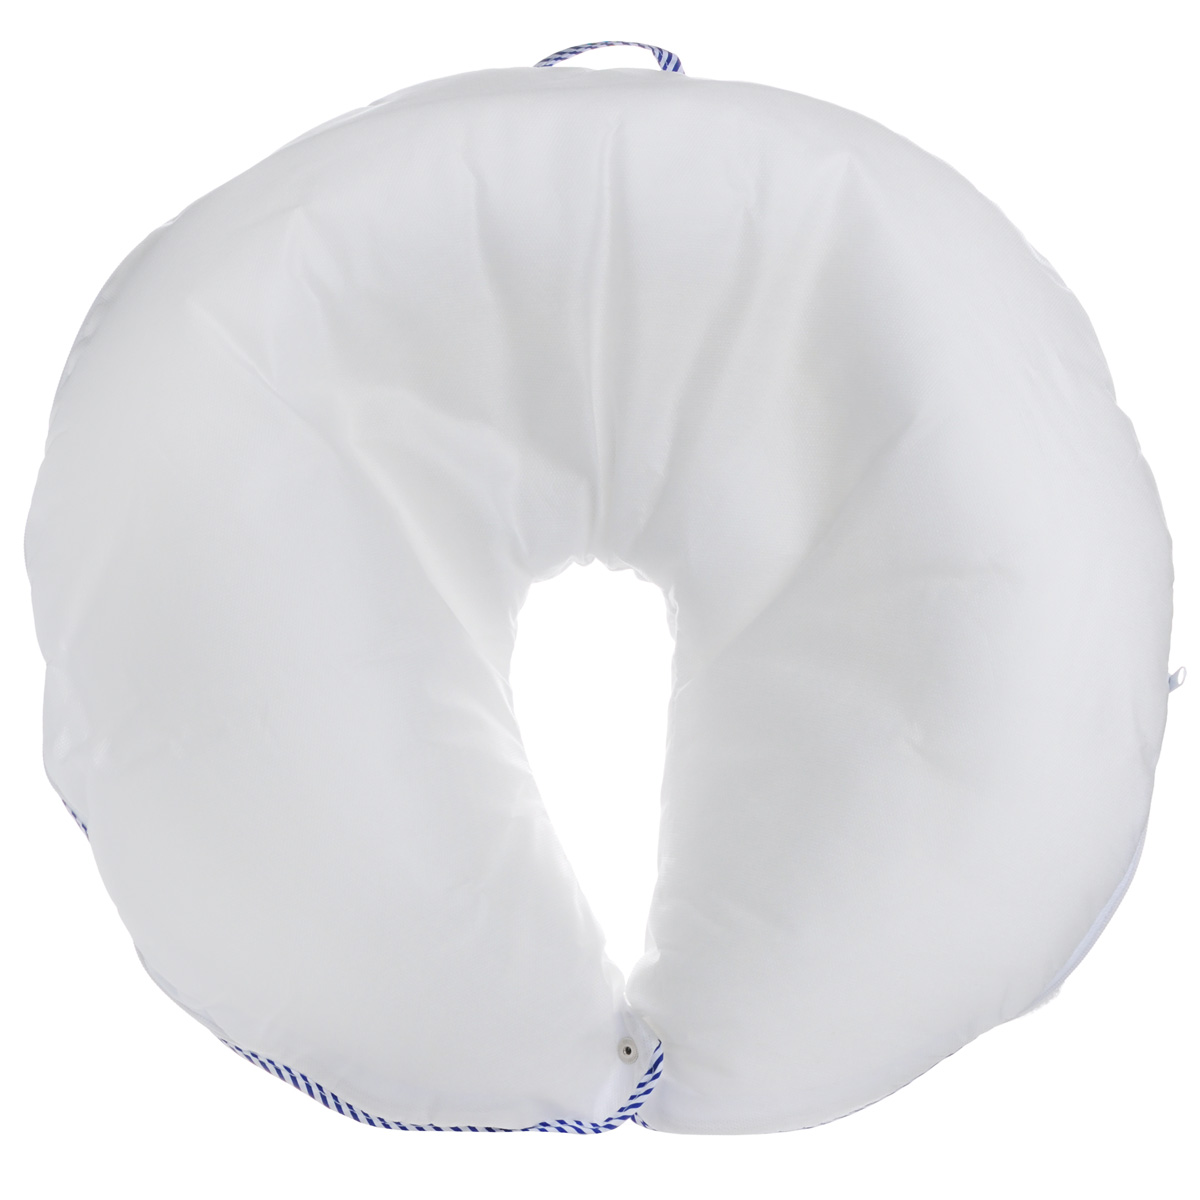 Матрас для купания Selby  Круг , 3-10 кг. 5538 - Все для купания